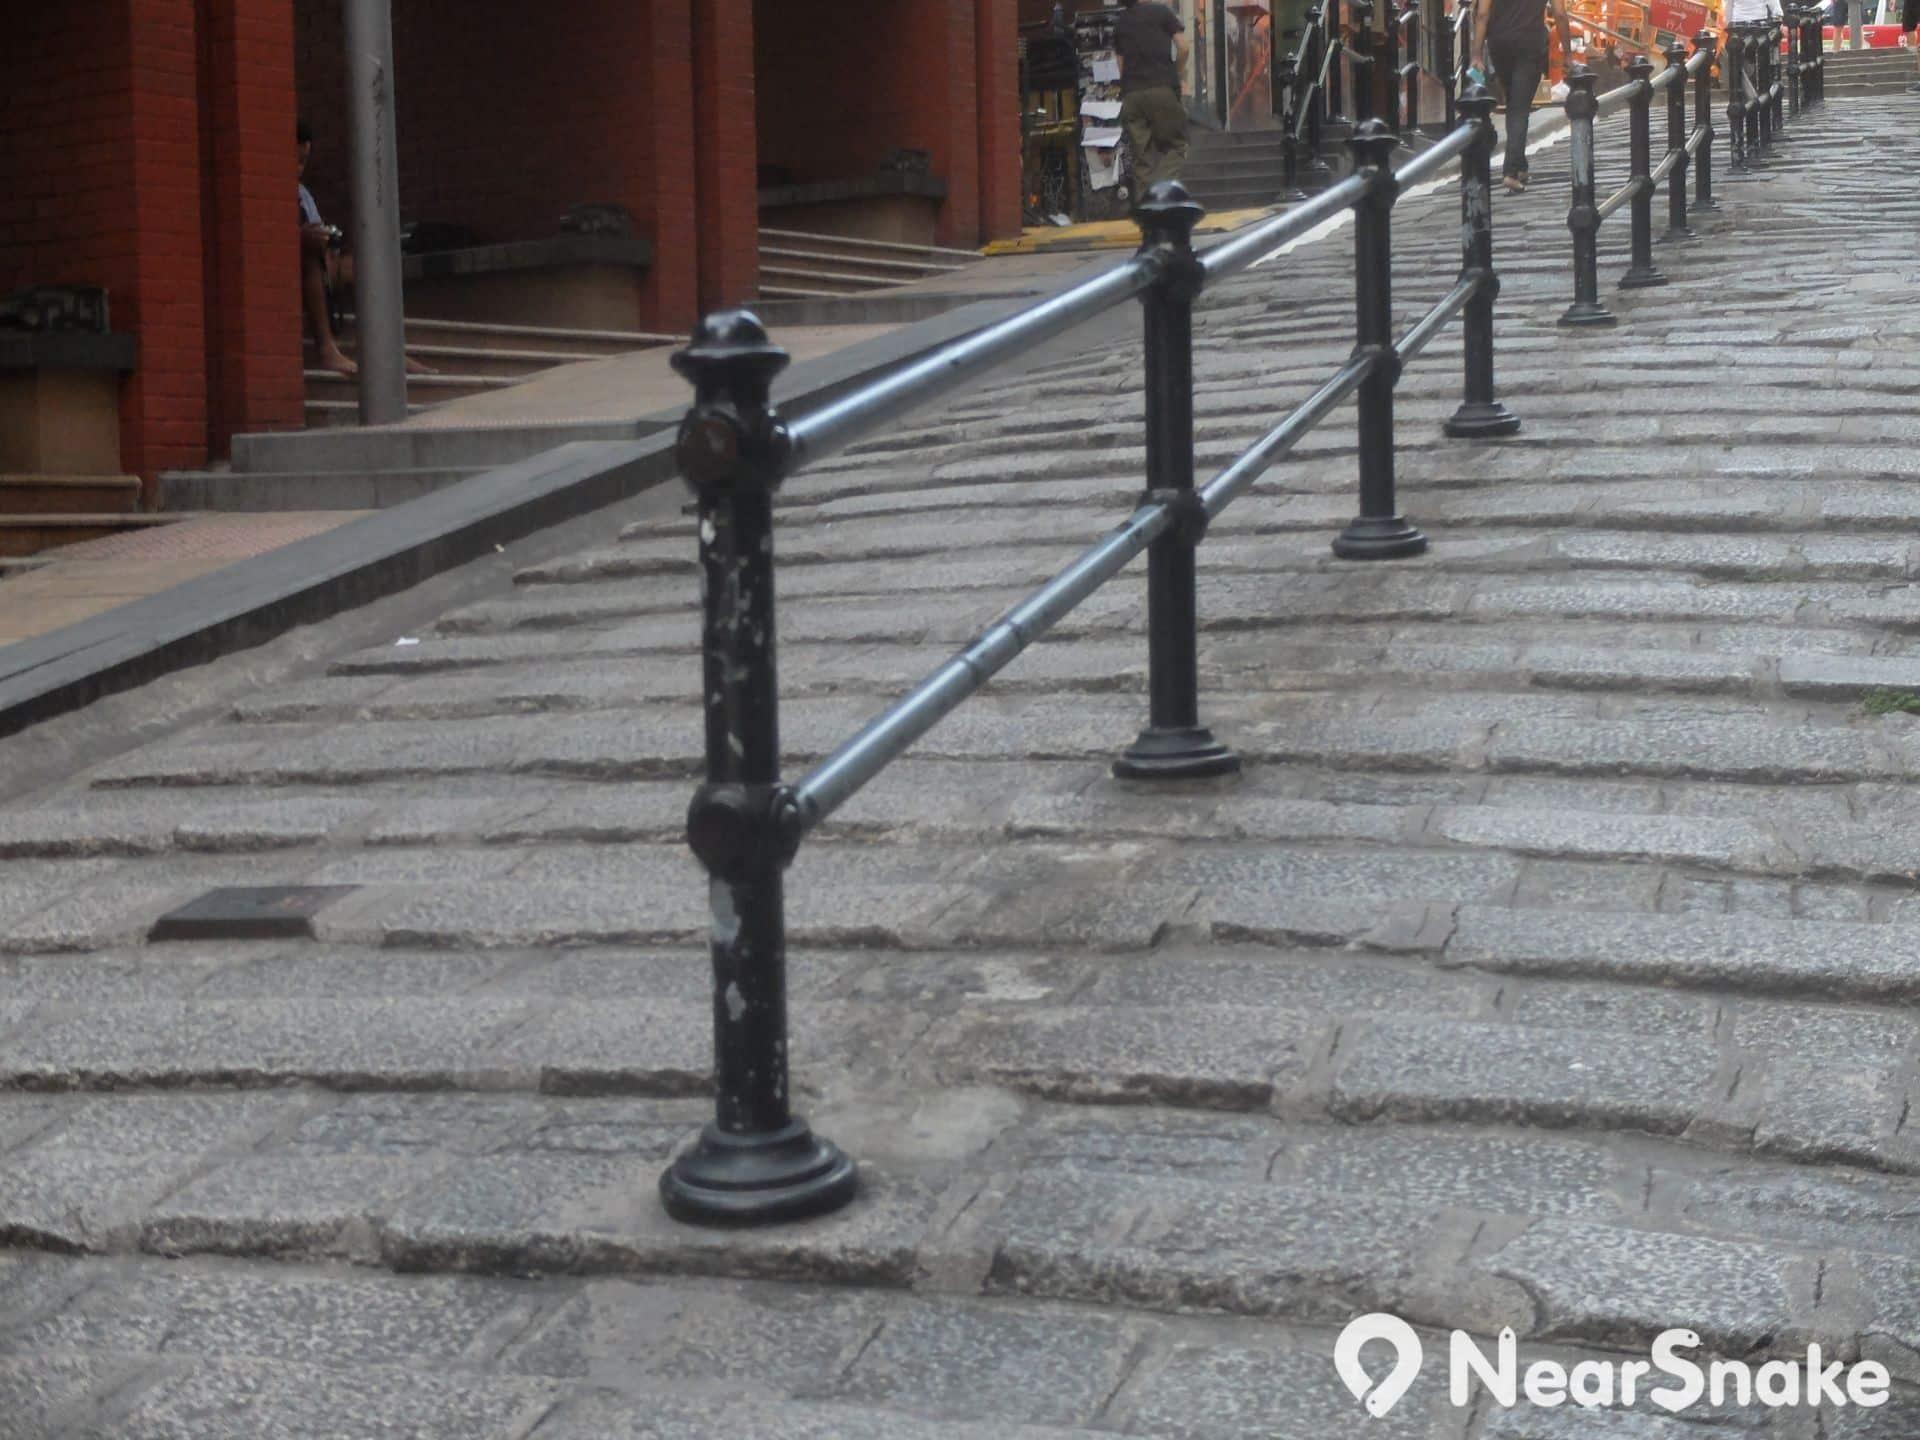 石板街設有鐵欄桿,早幾年前曾有藝術團體為它們穿上冷衫保暖,很趣緻的,可惜現在已被拆掉了。